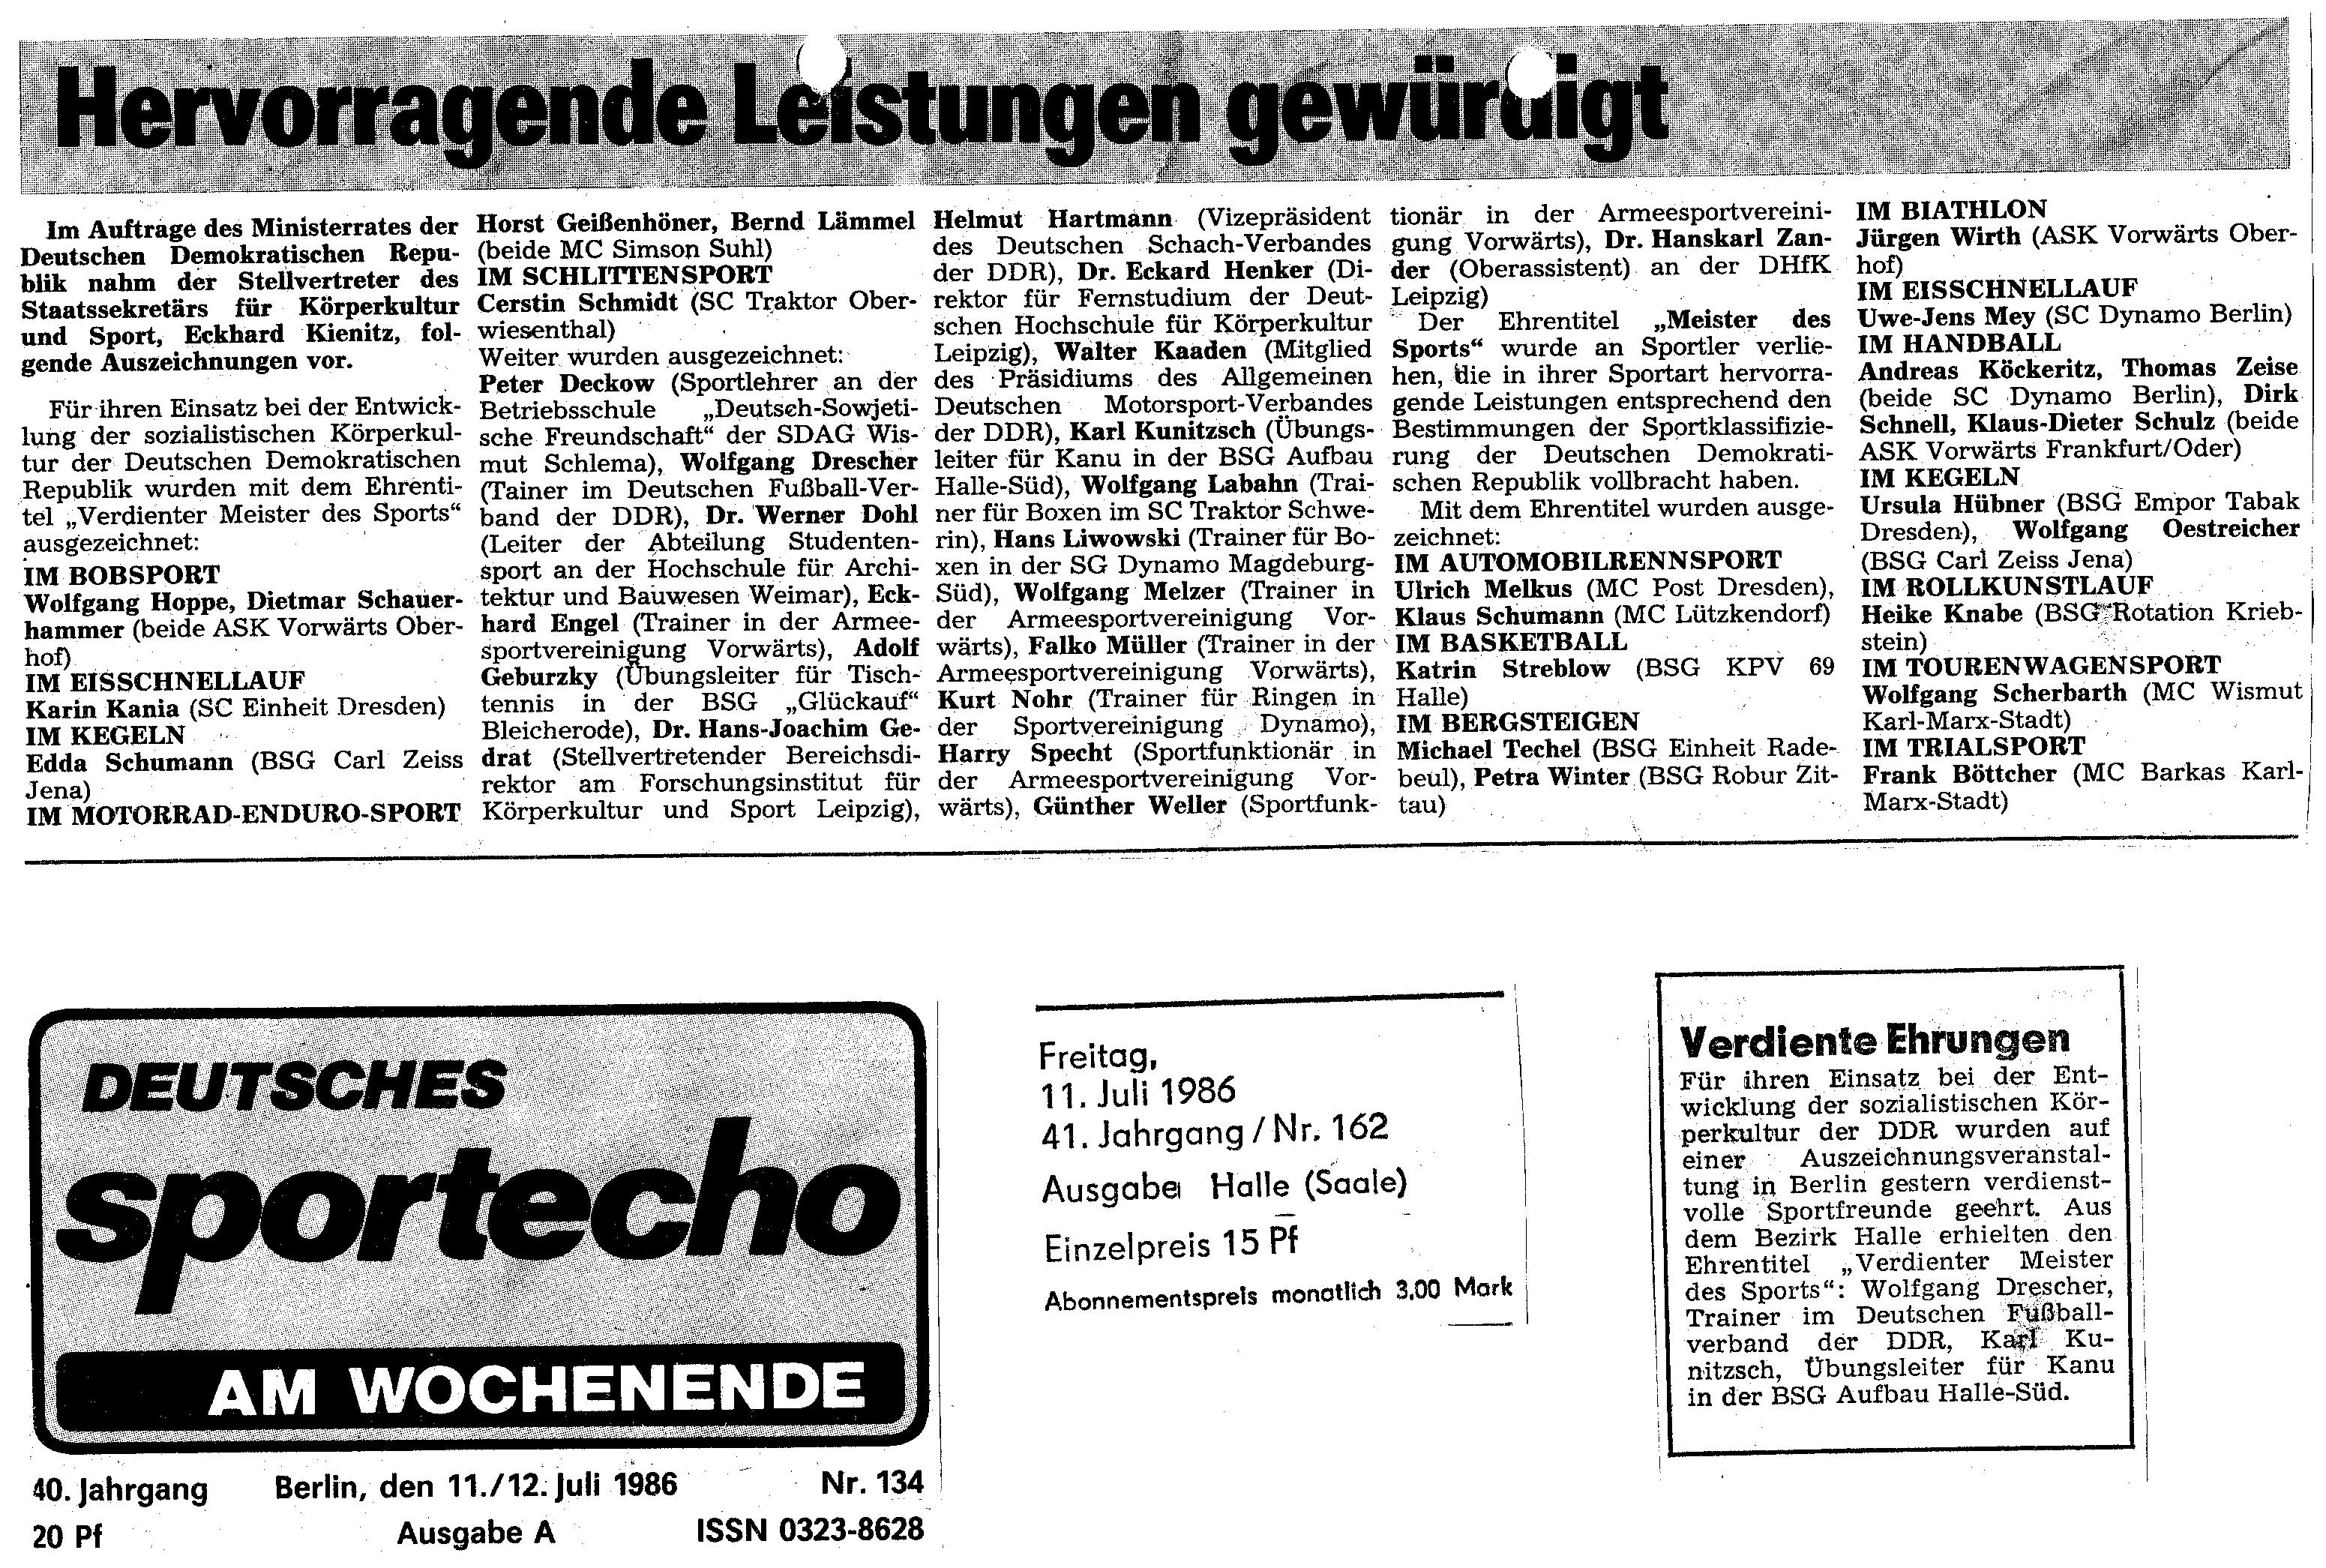 1986-07-11 Hervorragende Leistungen gewürdigt